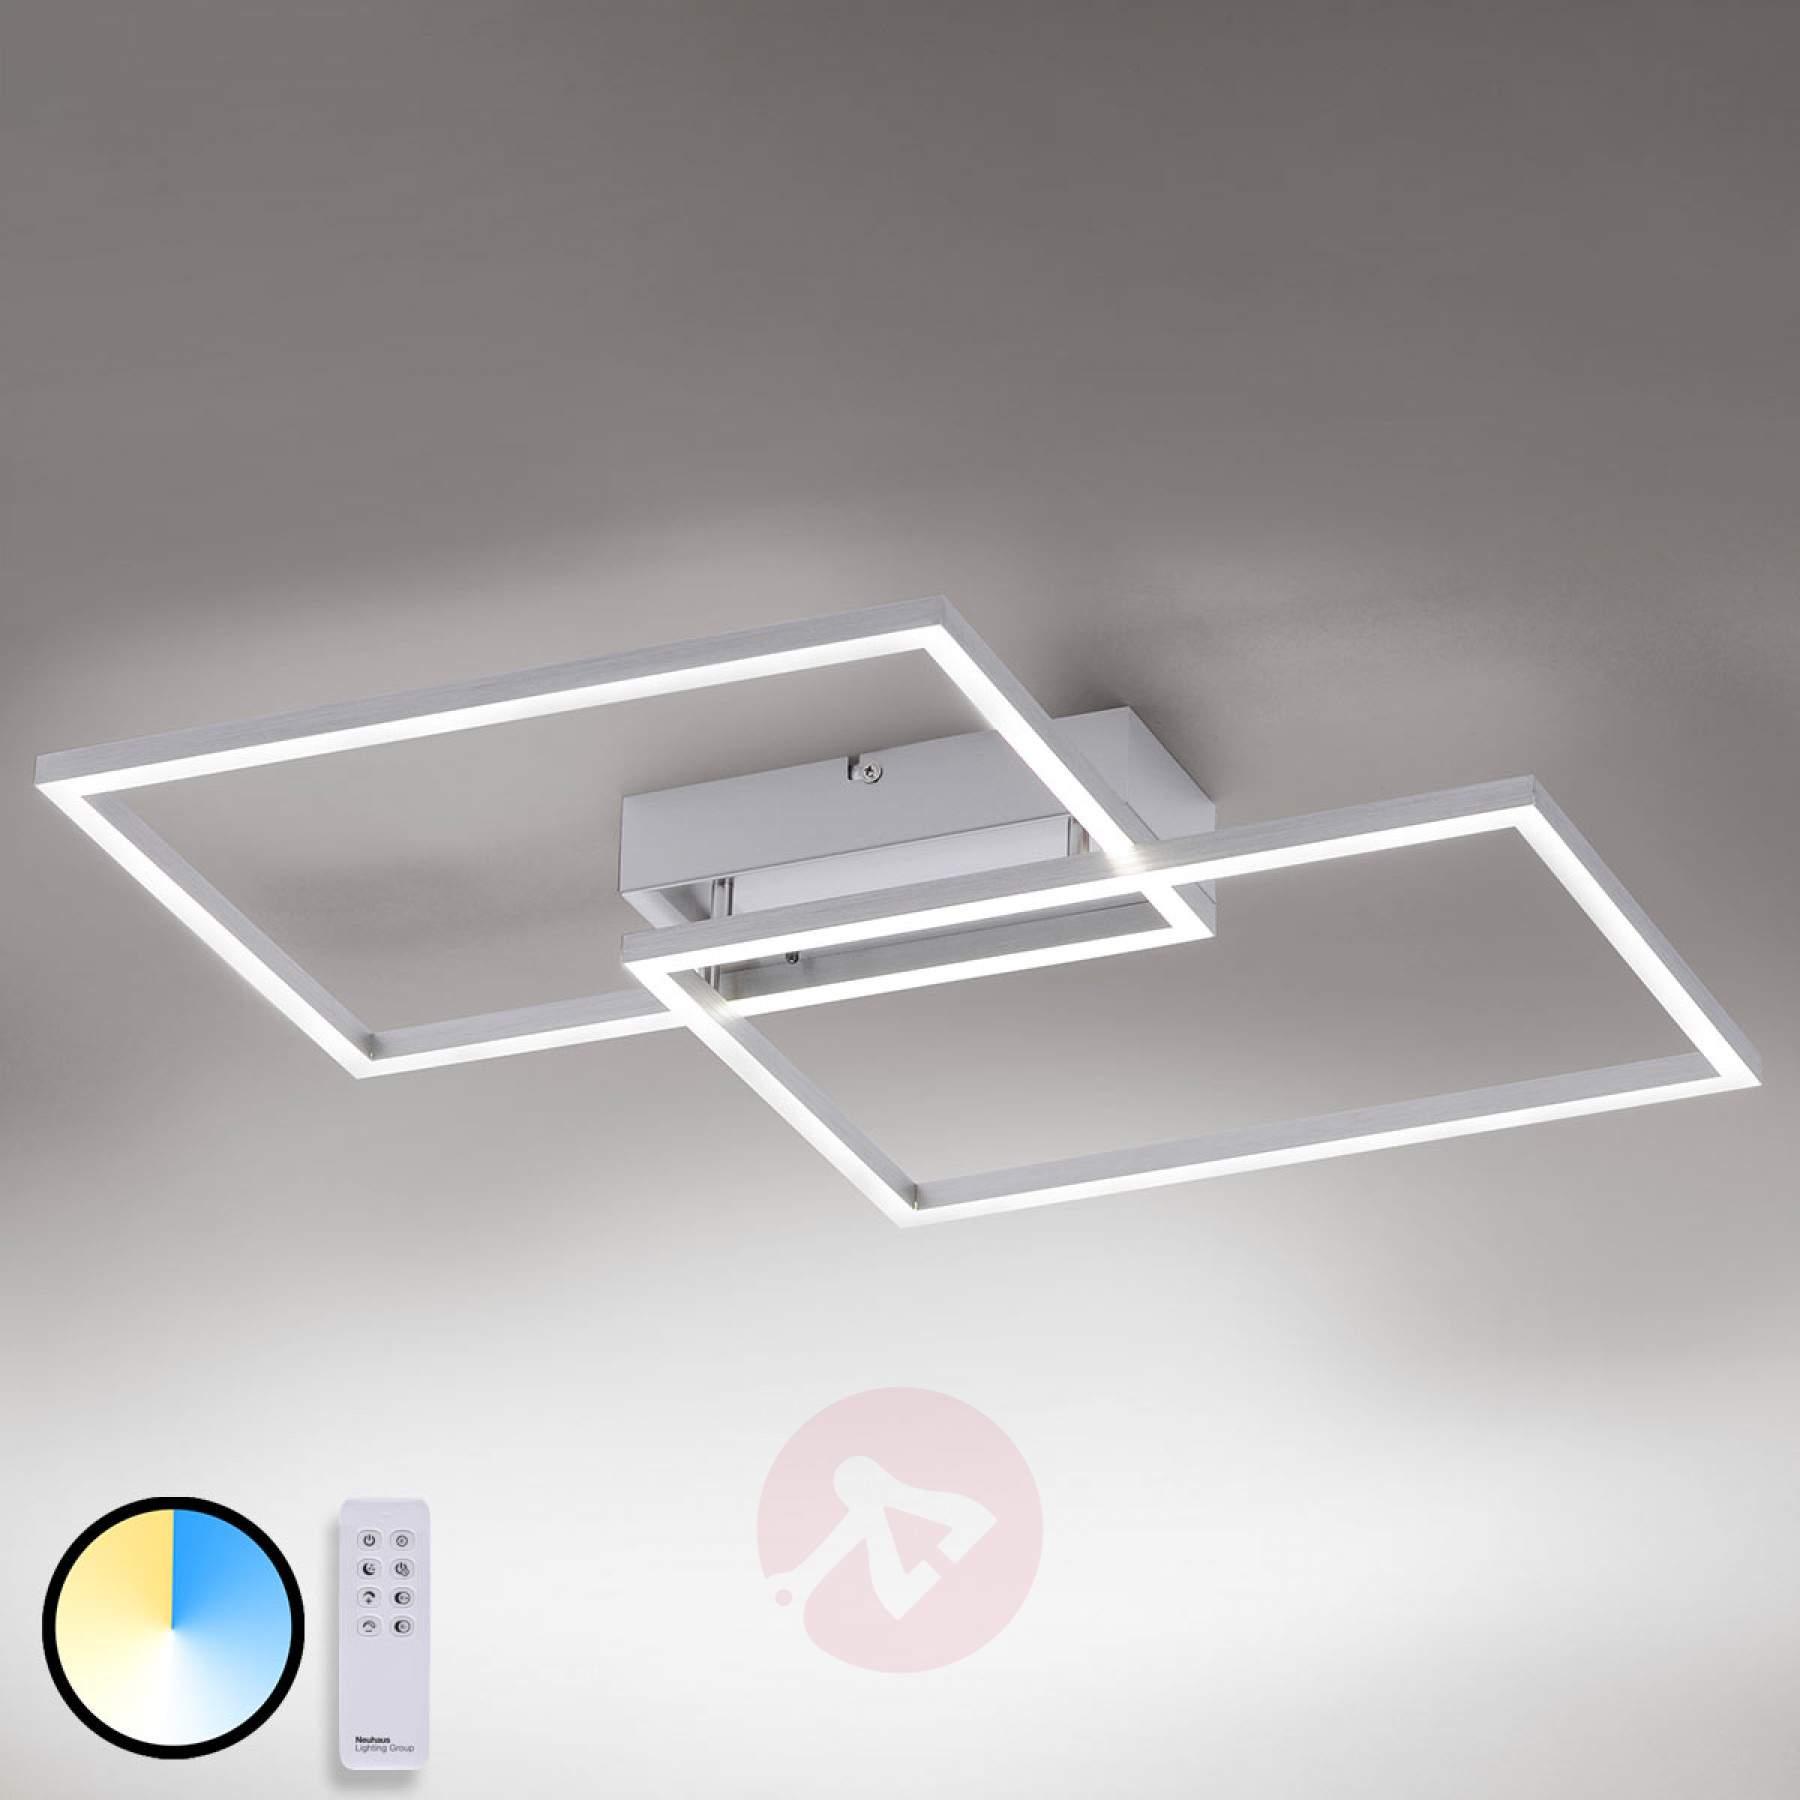 Full Size of Led Lampe Dimmbar Farbwechsel Wohnzimmerleuchten Modern Mit Fernbedienung Verbinden E27 Wohnzimmer Lampen Amazon Wohnzimmerlampen Moderne Obi 3 Stufen Wohnzimmer Led Wohnzimmerlampe